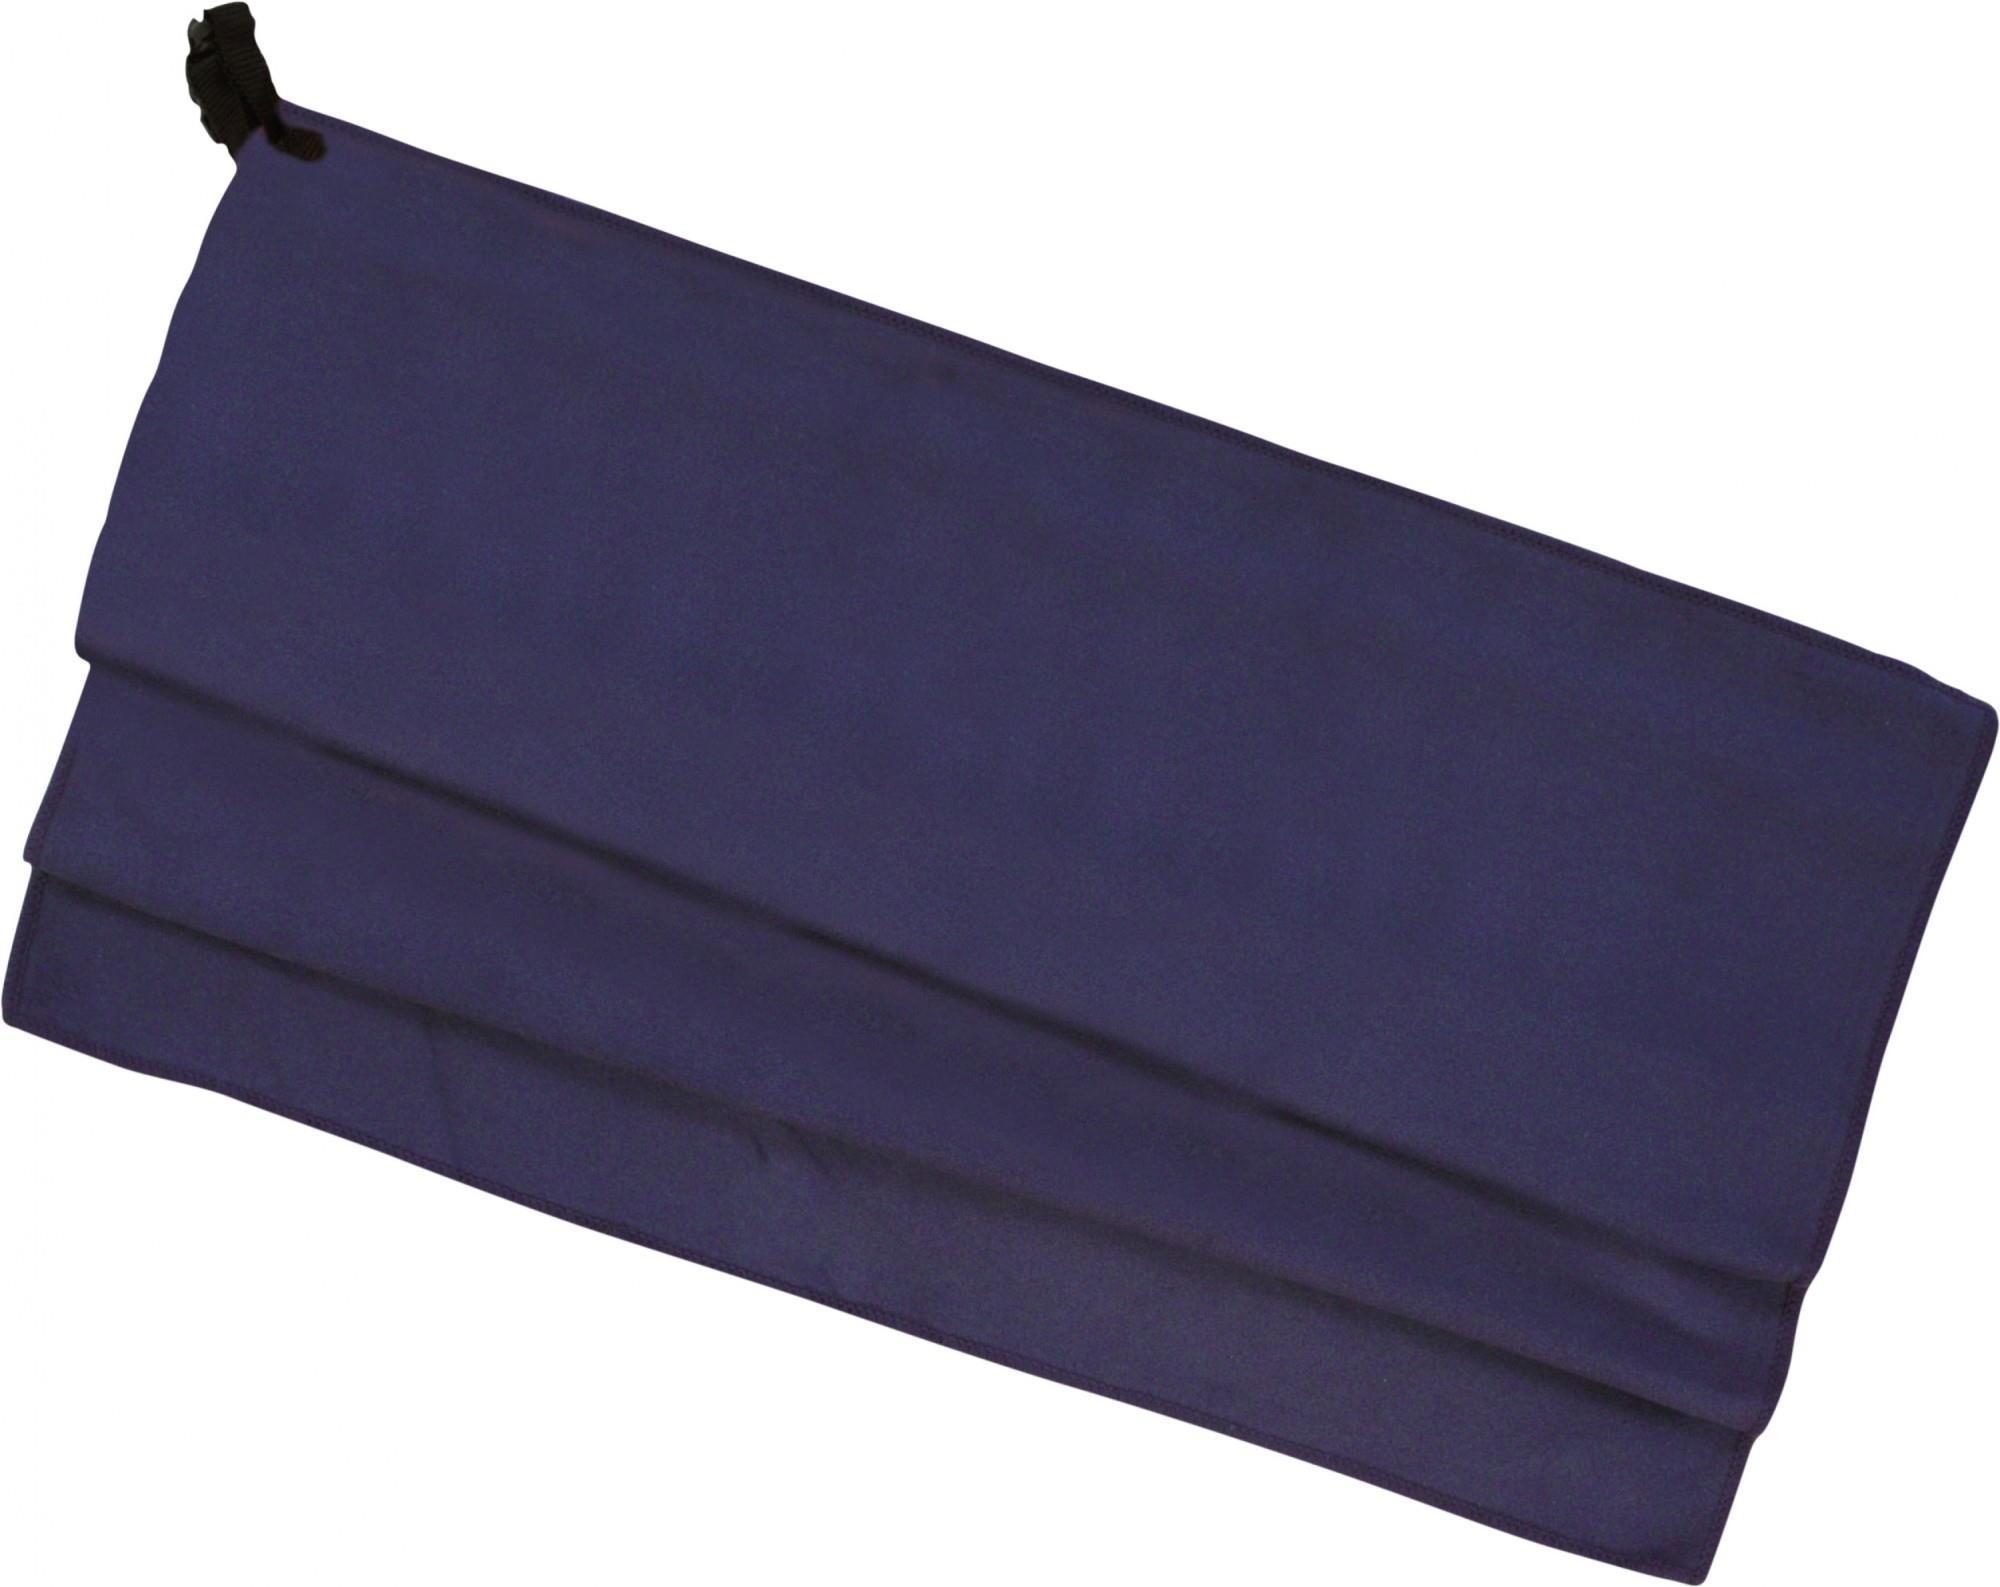 Ferrıno X Lıte Towel Sıze Xxl Fer86248